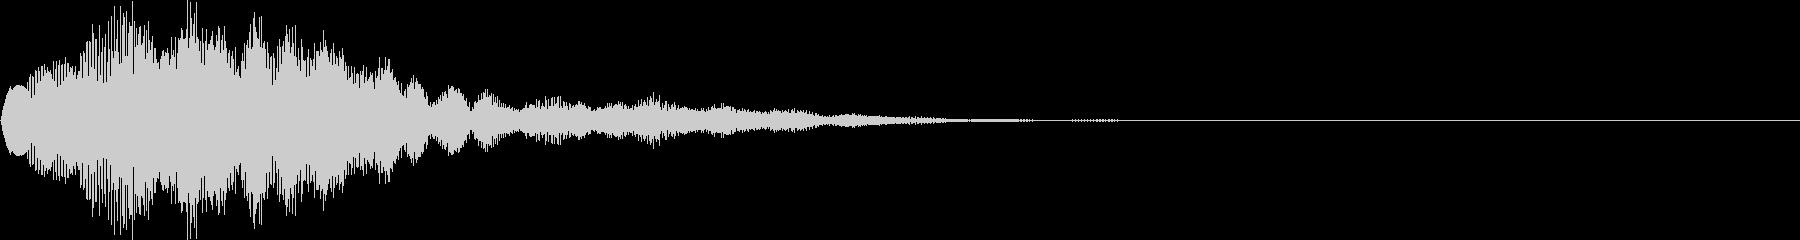 サウンドロゴ44_ベル系の未再生の波形